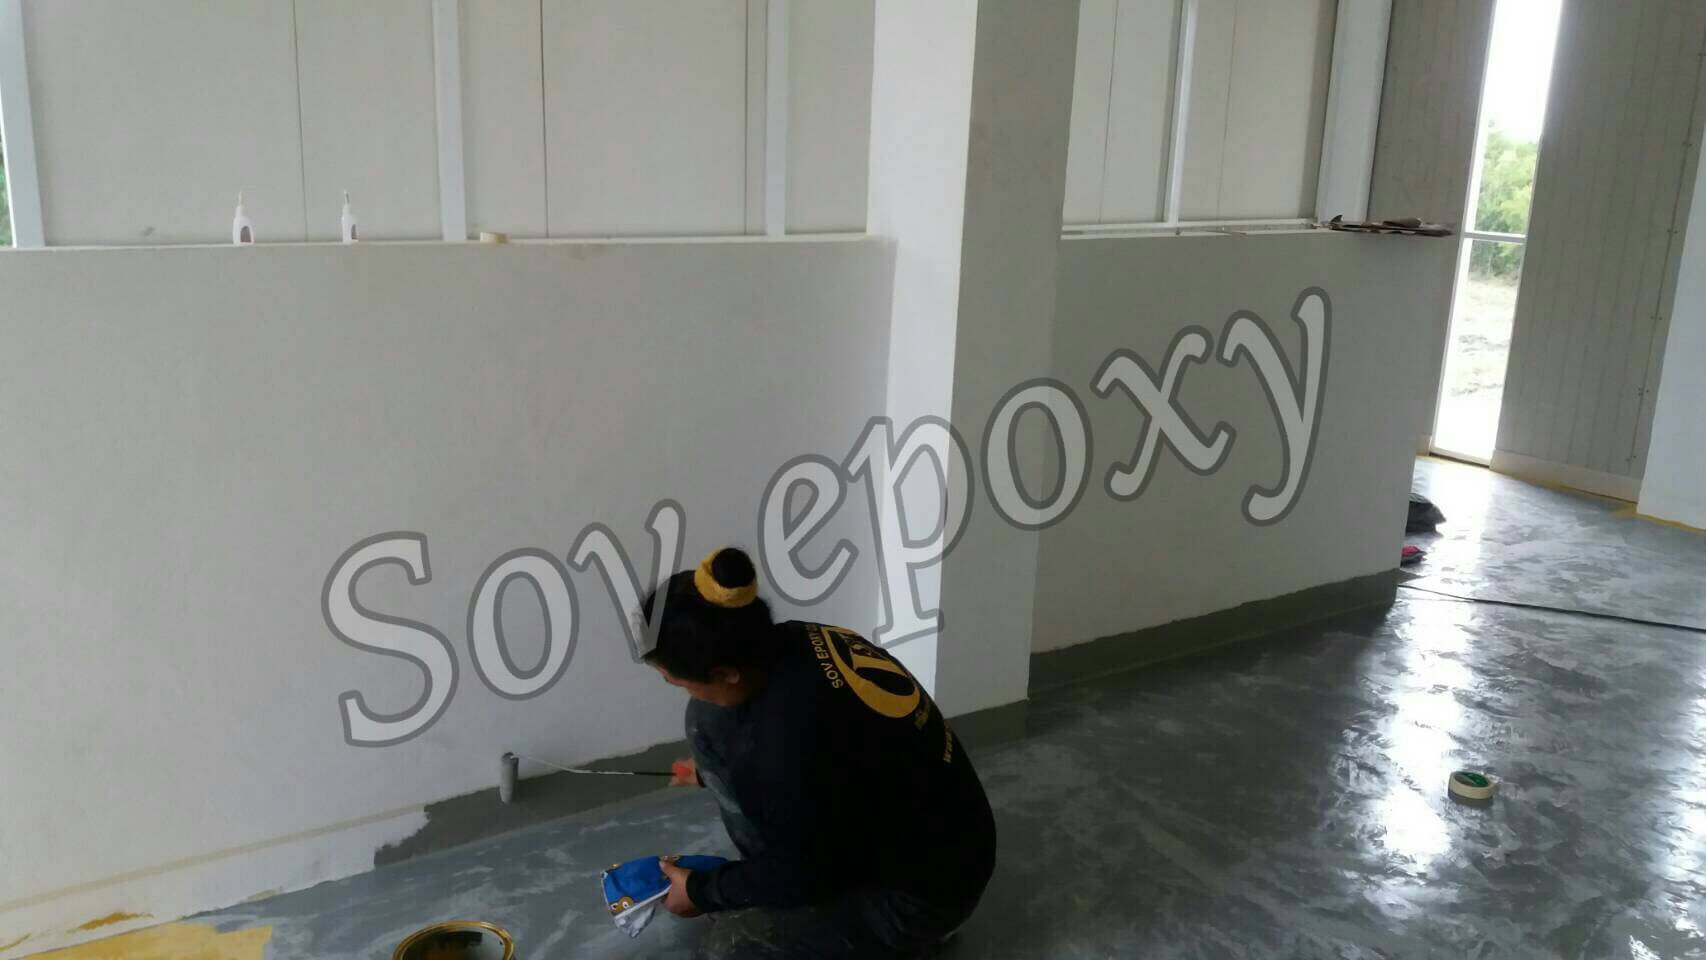 โครงการ โรงงานเก็บสินค้าอิเล็คทรอนิคส์ จ.ลพบุรี 10